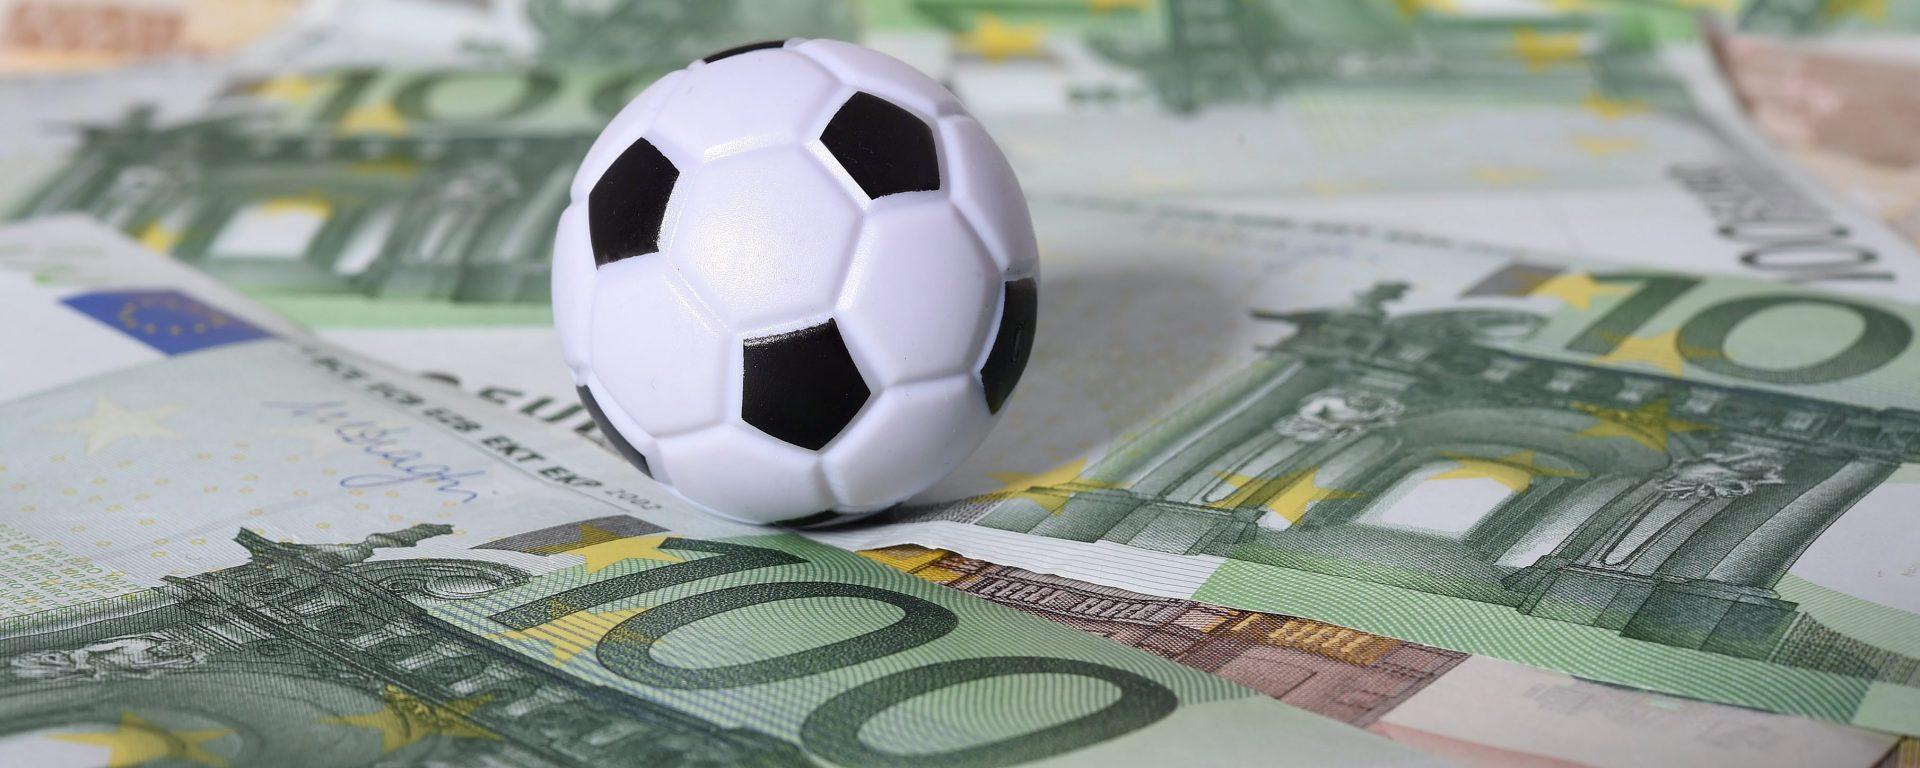 FOOT - MAGAZINE - 2016 Feature Fussball Leaks Hamburg, 07.12.2016, Fussball und Geld, Steuerhinterziehung